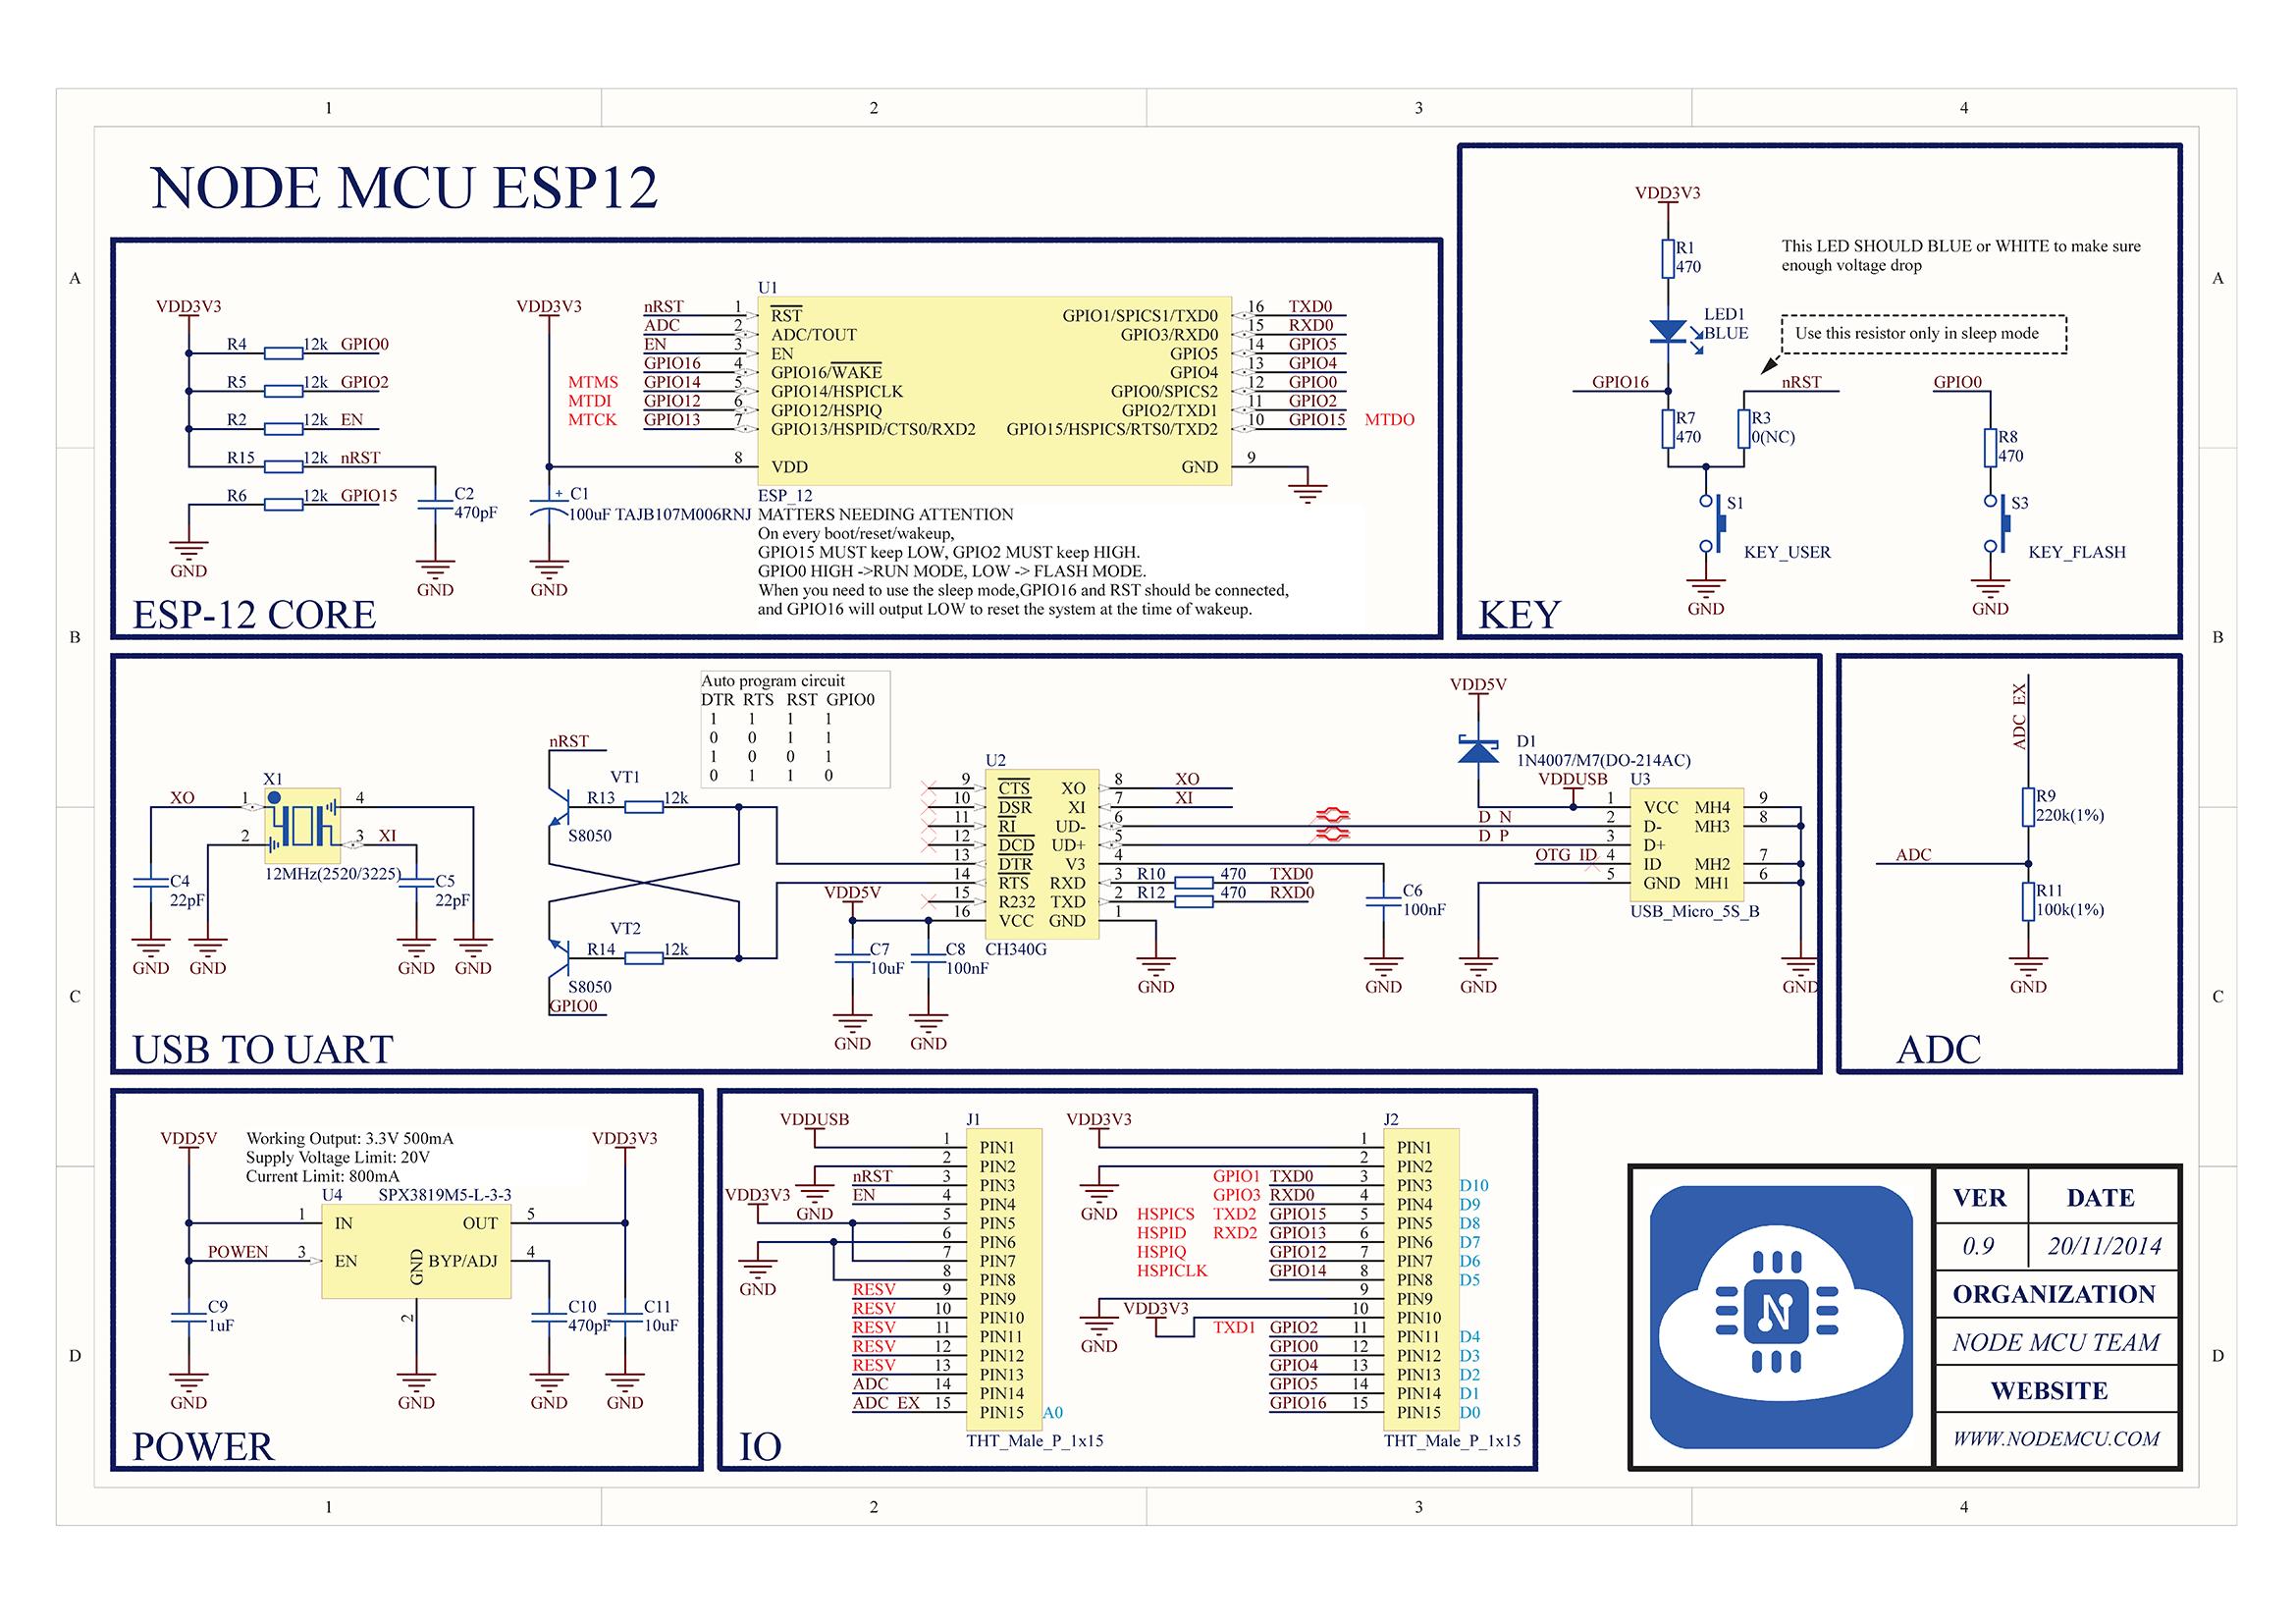 Diagrama eletrônico da placa NodeMCU ESP-12